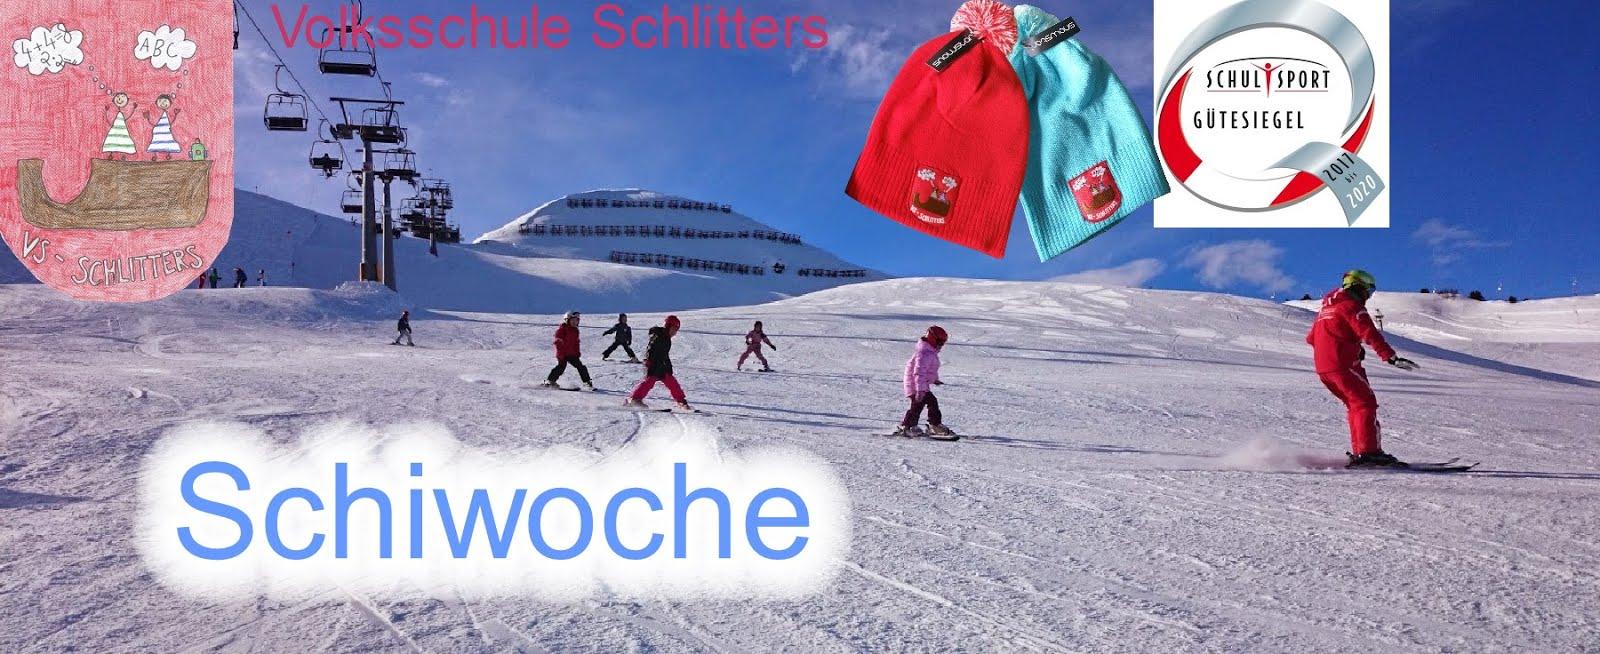 schiwoche